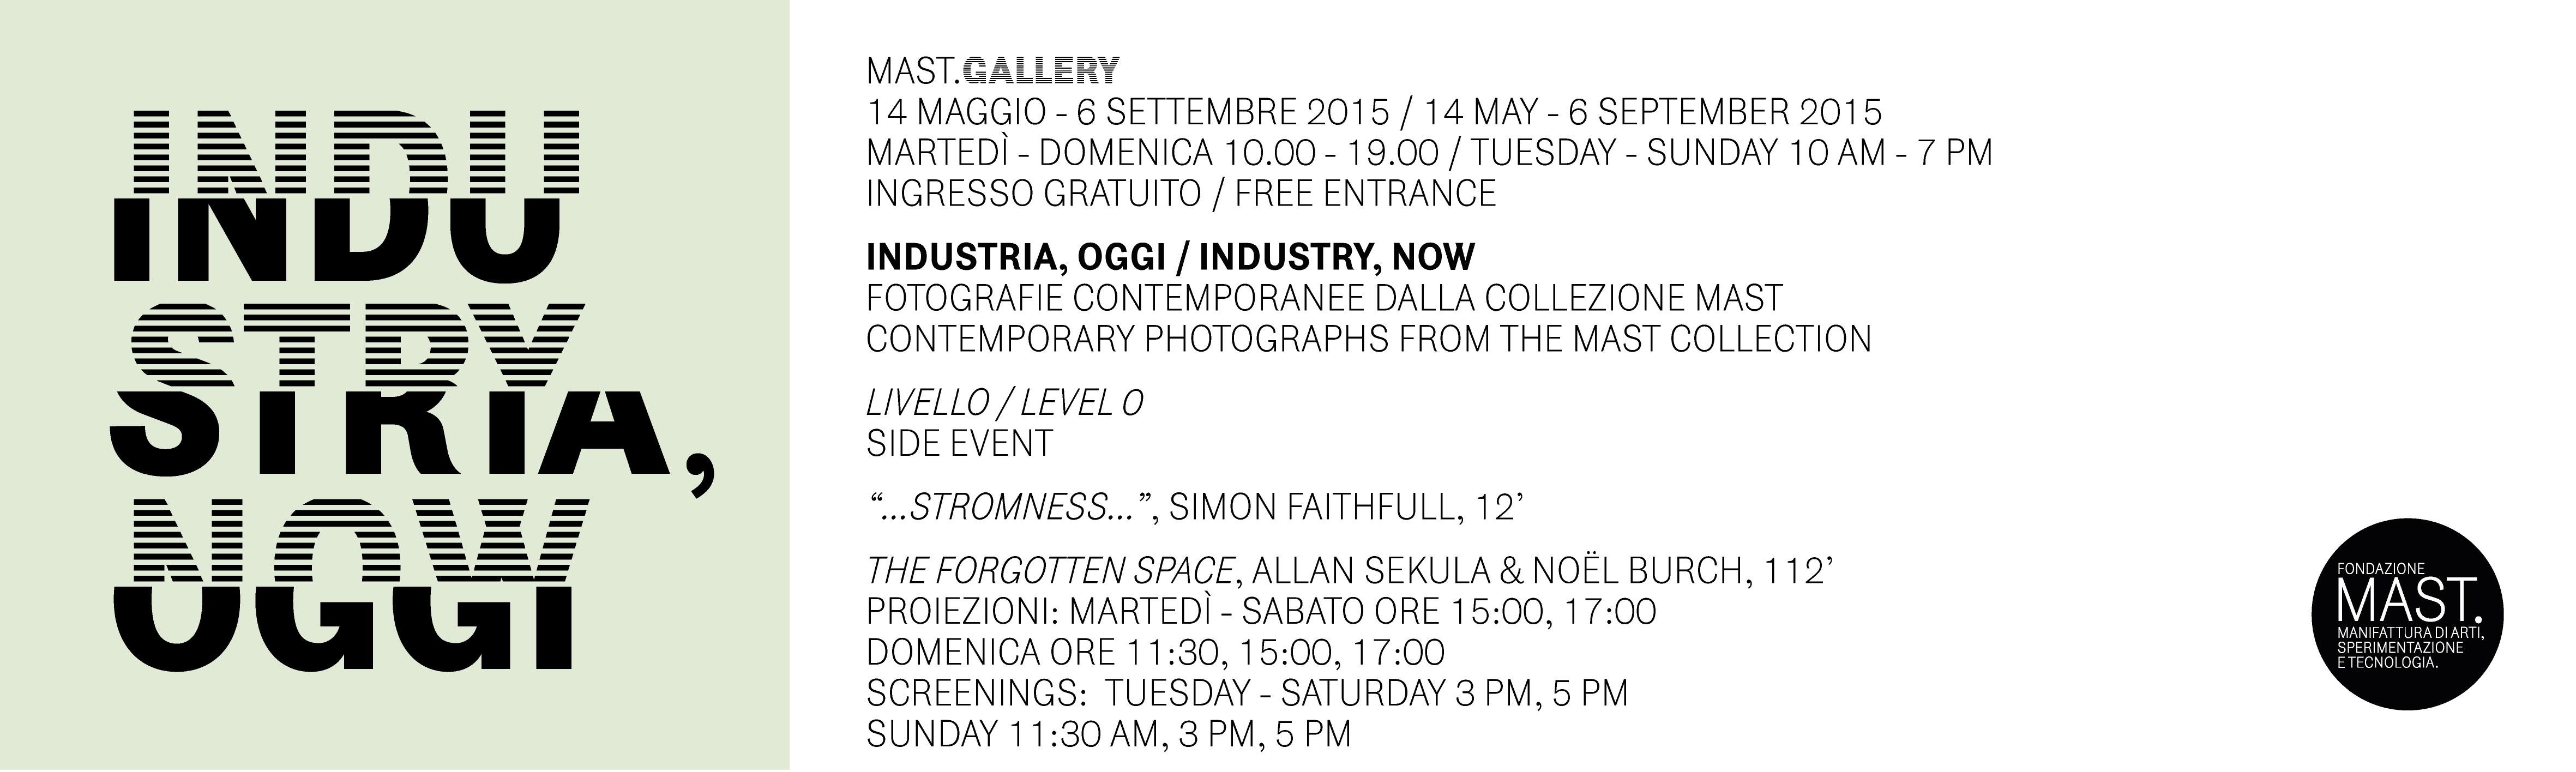 industria oggi, mostra fotografica al MAST di Bologna dal 14 Maggio al 6 Settembre 2015